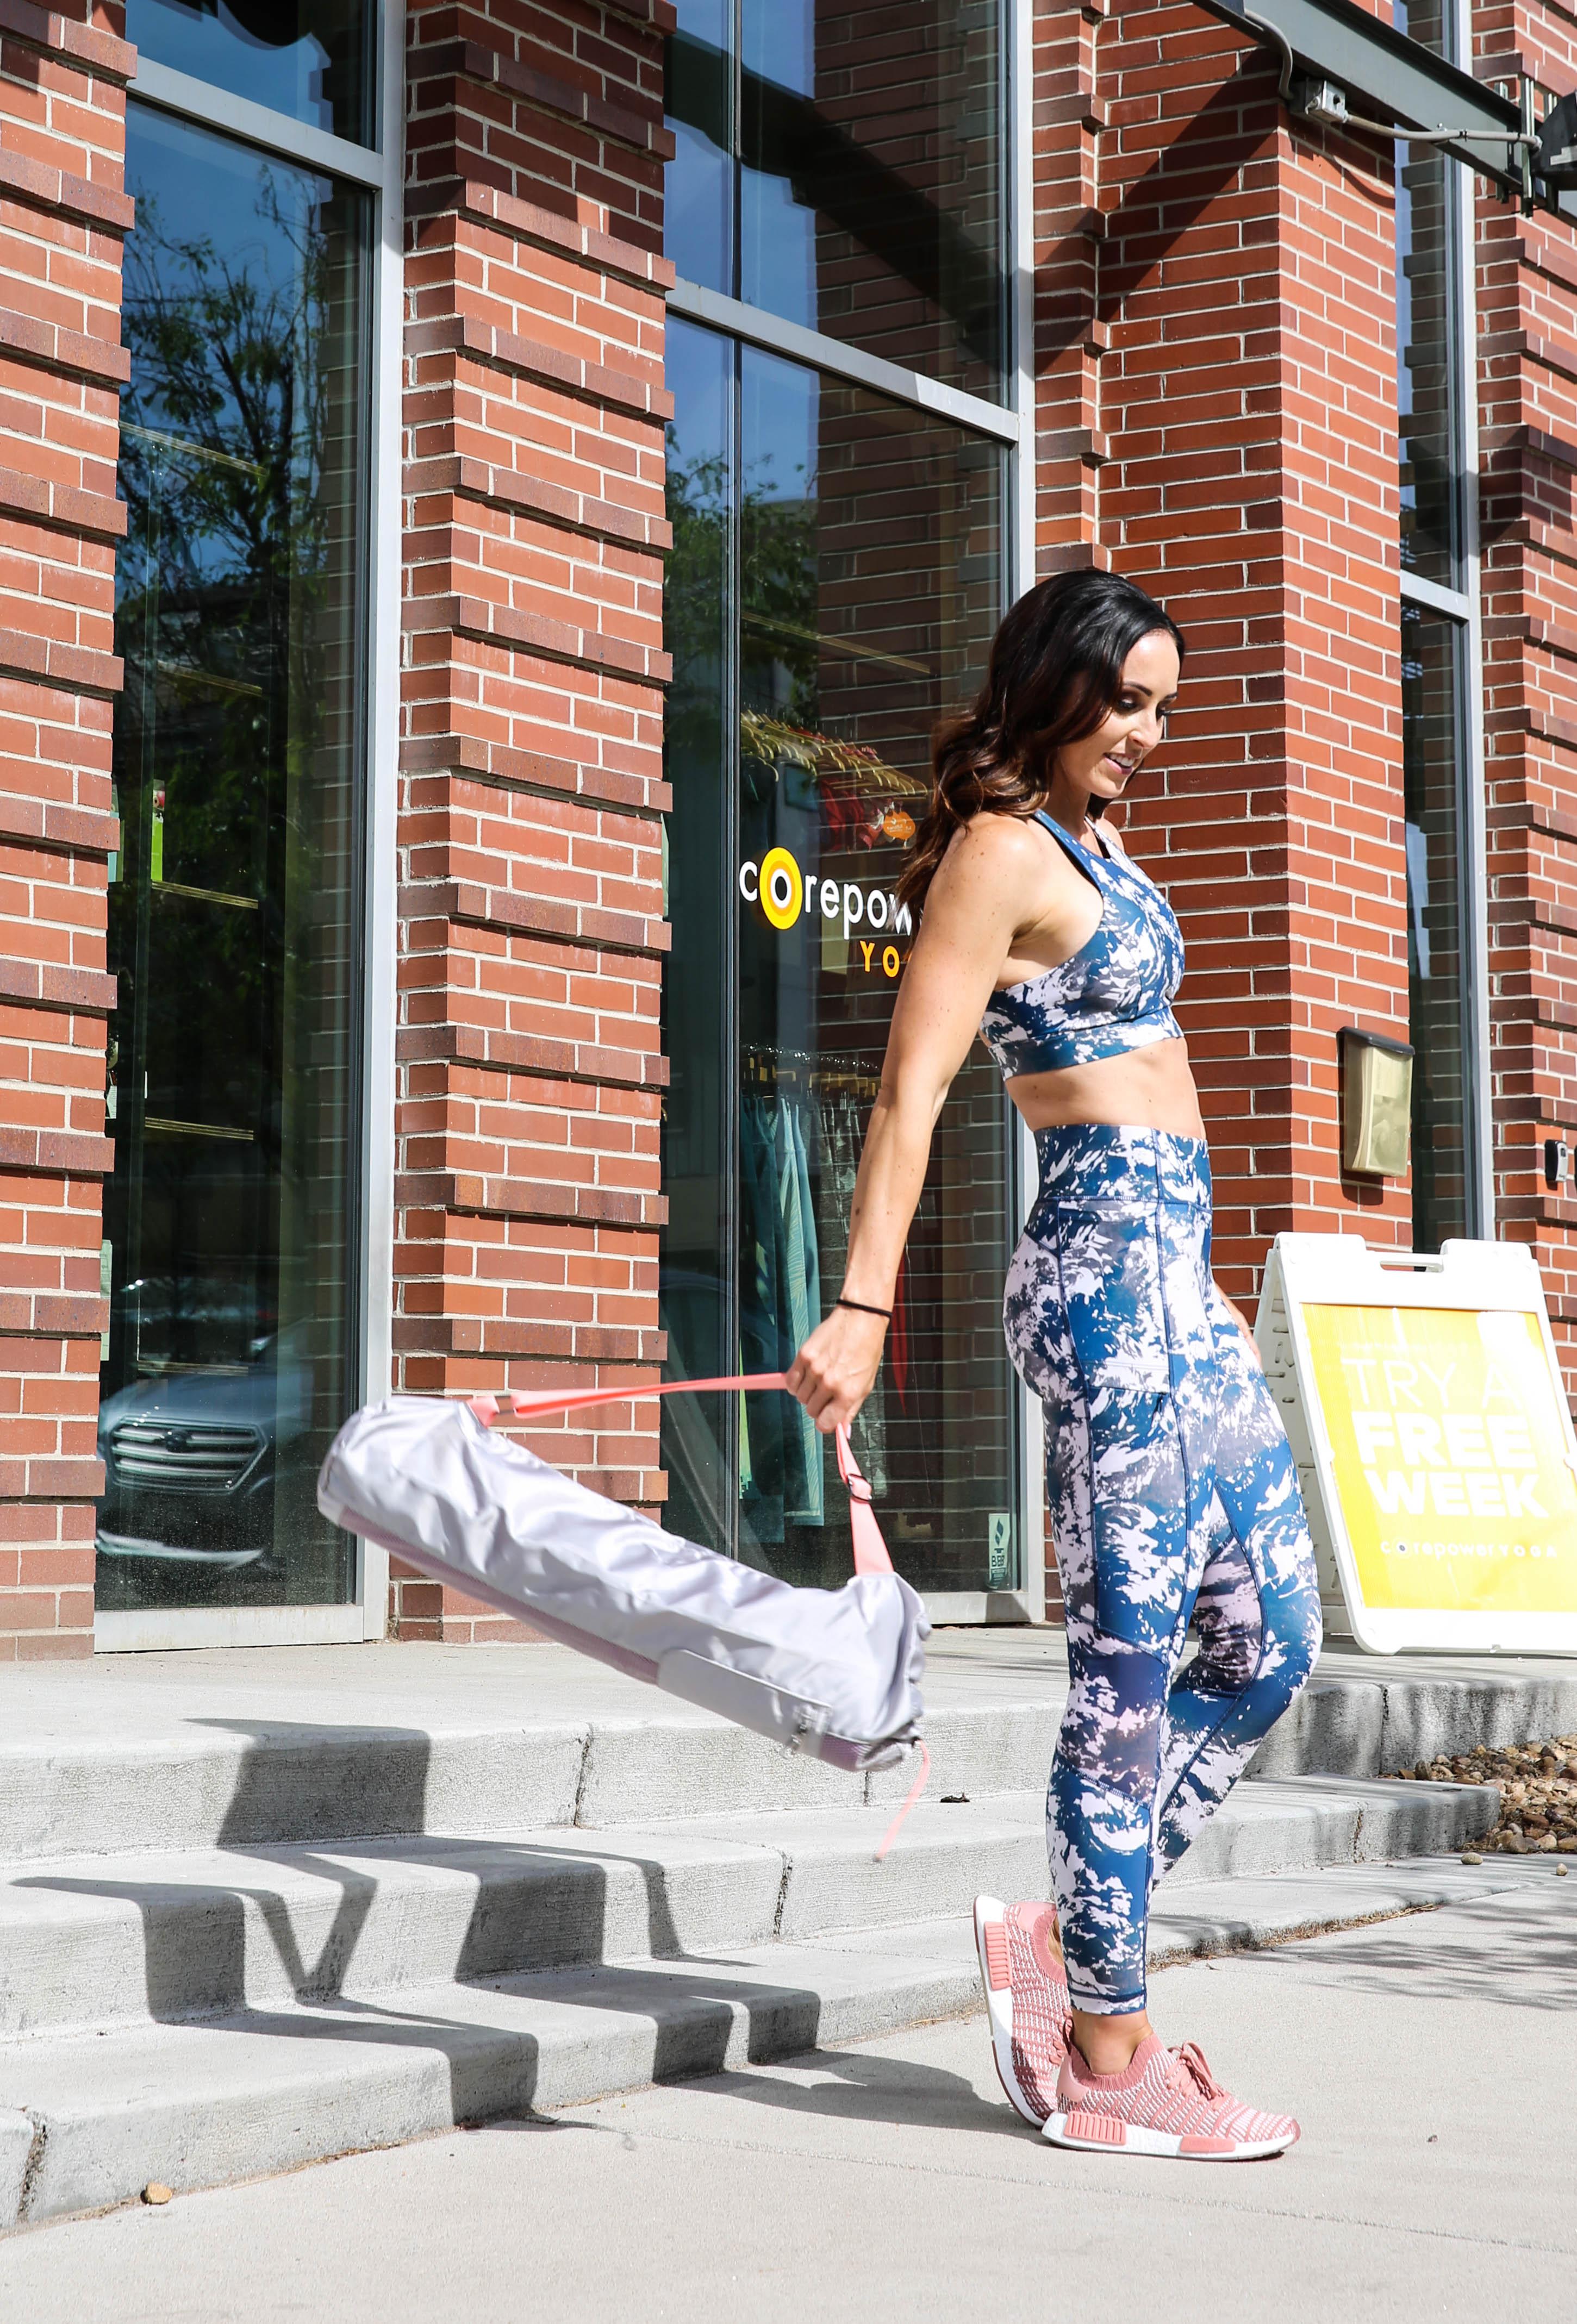 PaleOMG - The Perfect Yoga Sculpt Attire